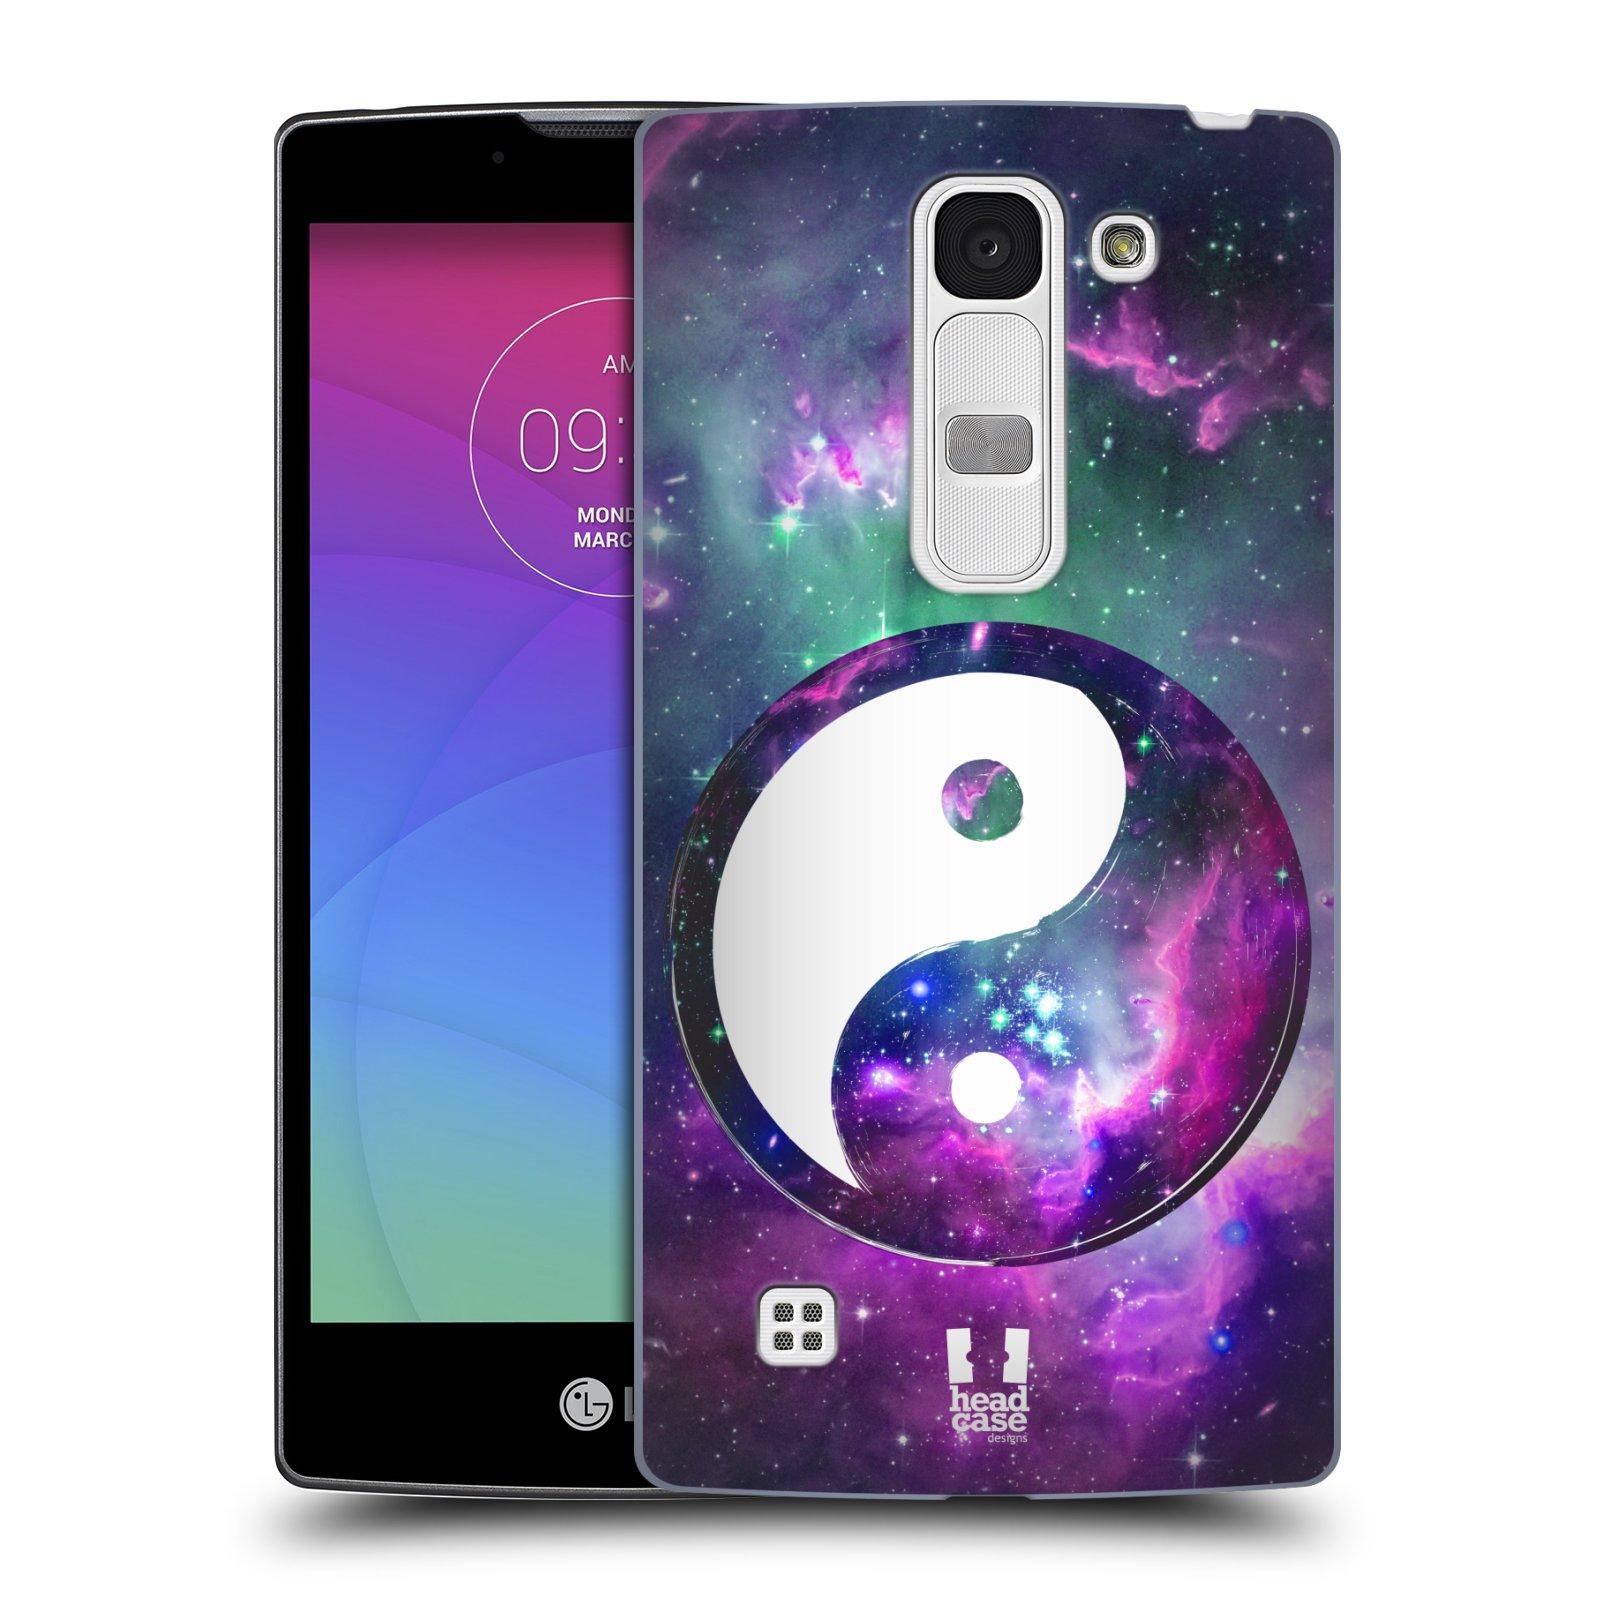 Plastové pouzdro na mobil LG Spirit LTE HEAD CASE Yin a Yang PURPLE (Kryt či obal na mobilní telefon LG Spirit H420 a LG Spirit LTE H440N)